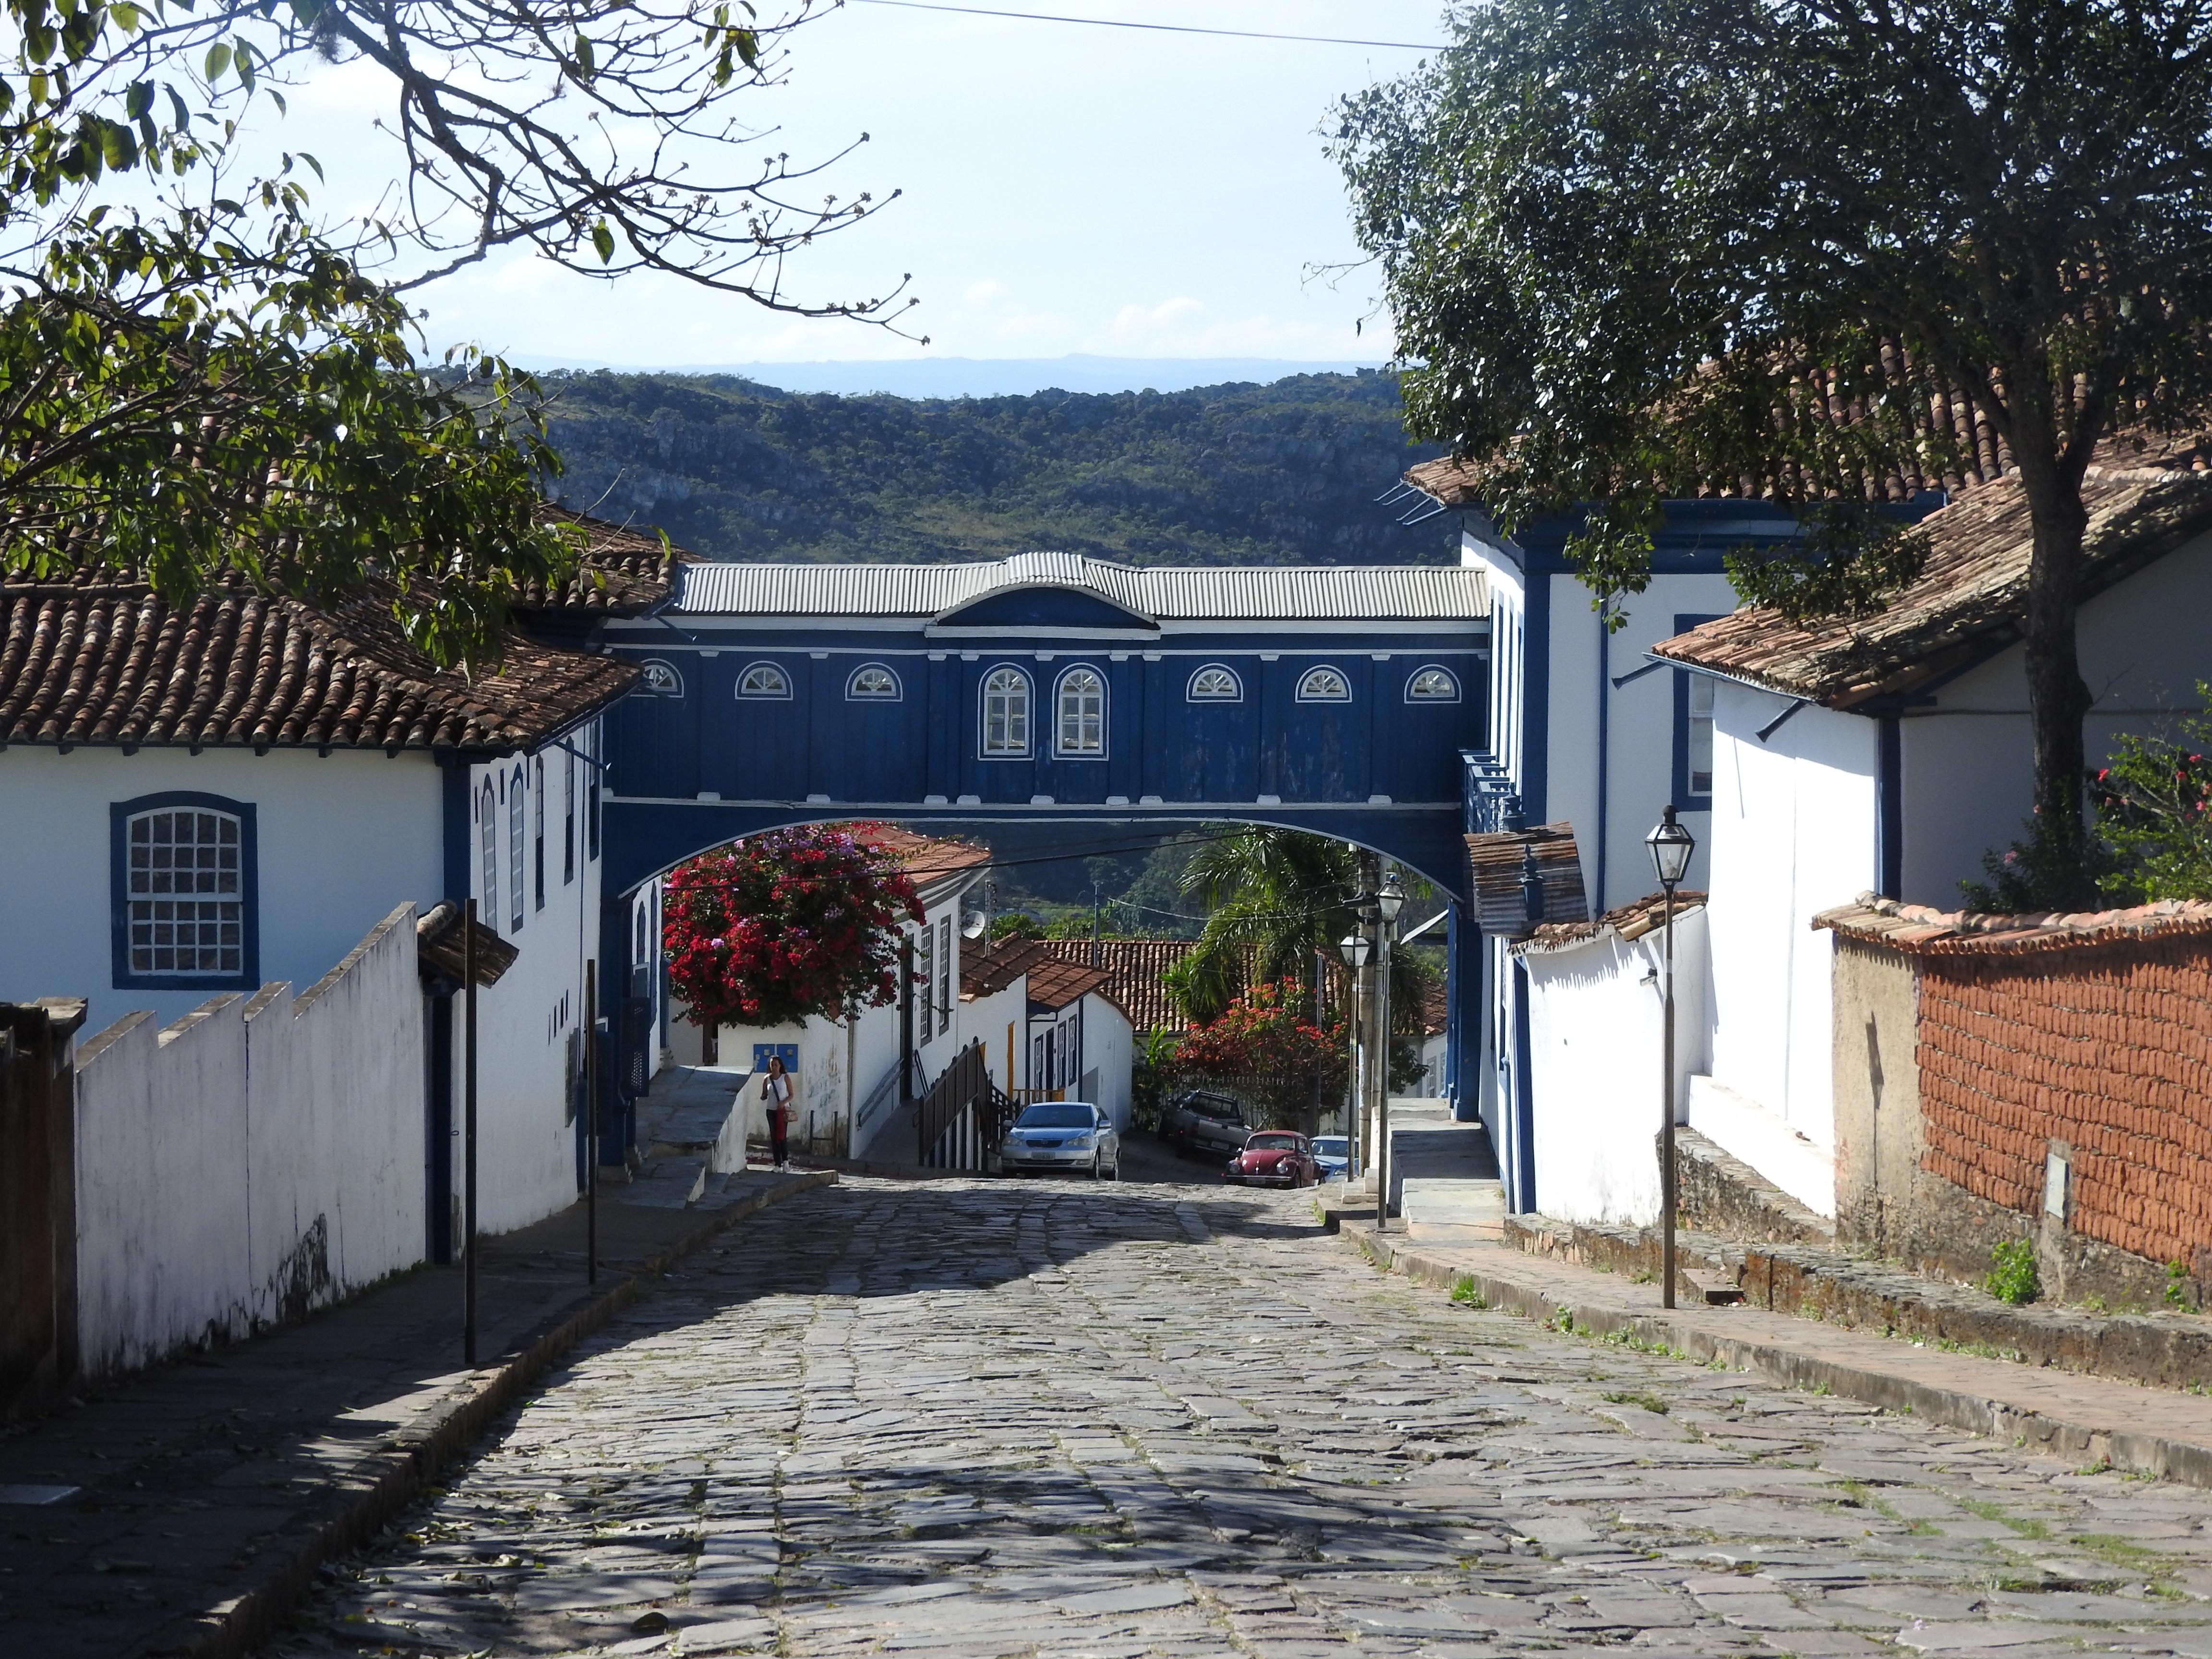 Descobrindo Diamantina (MG) e arredores: Biribiri, Conselheiro Mata e Parque Estadual do Rio Preto